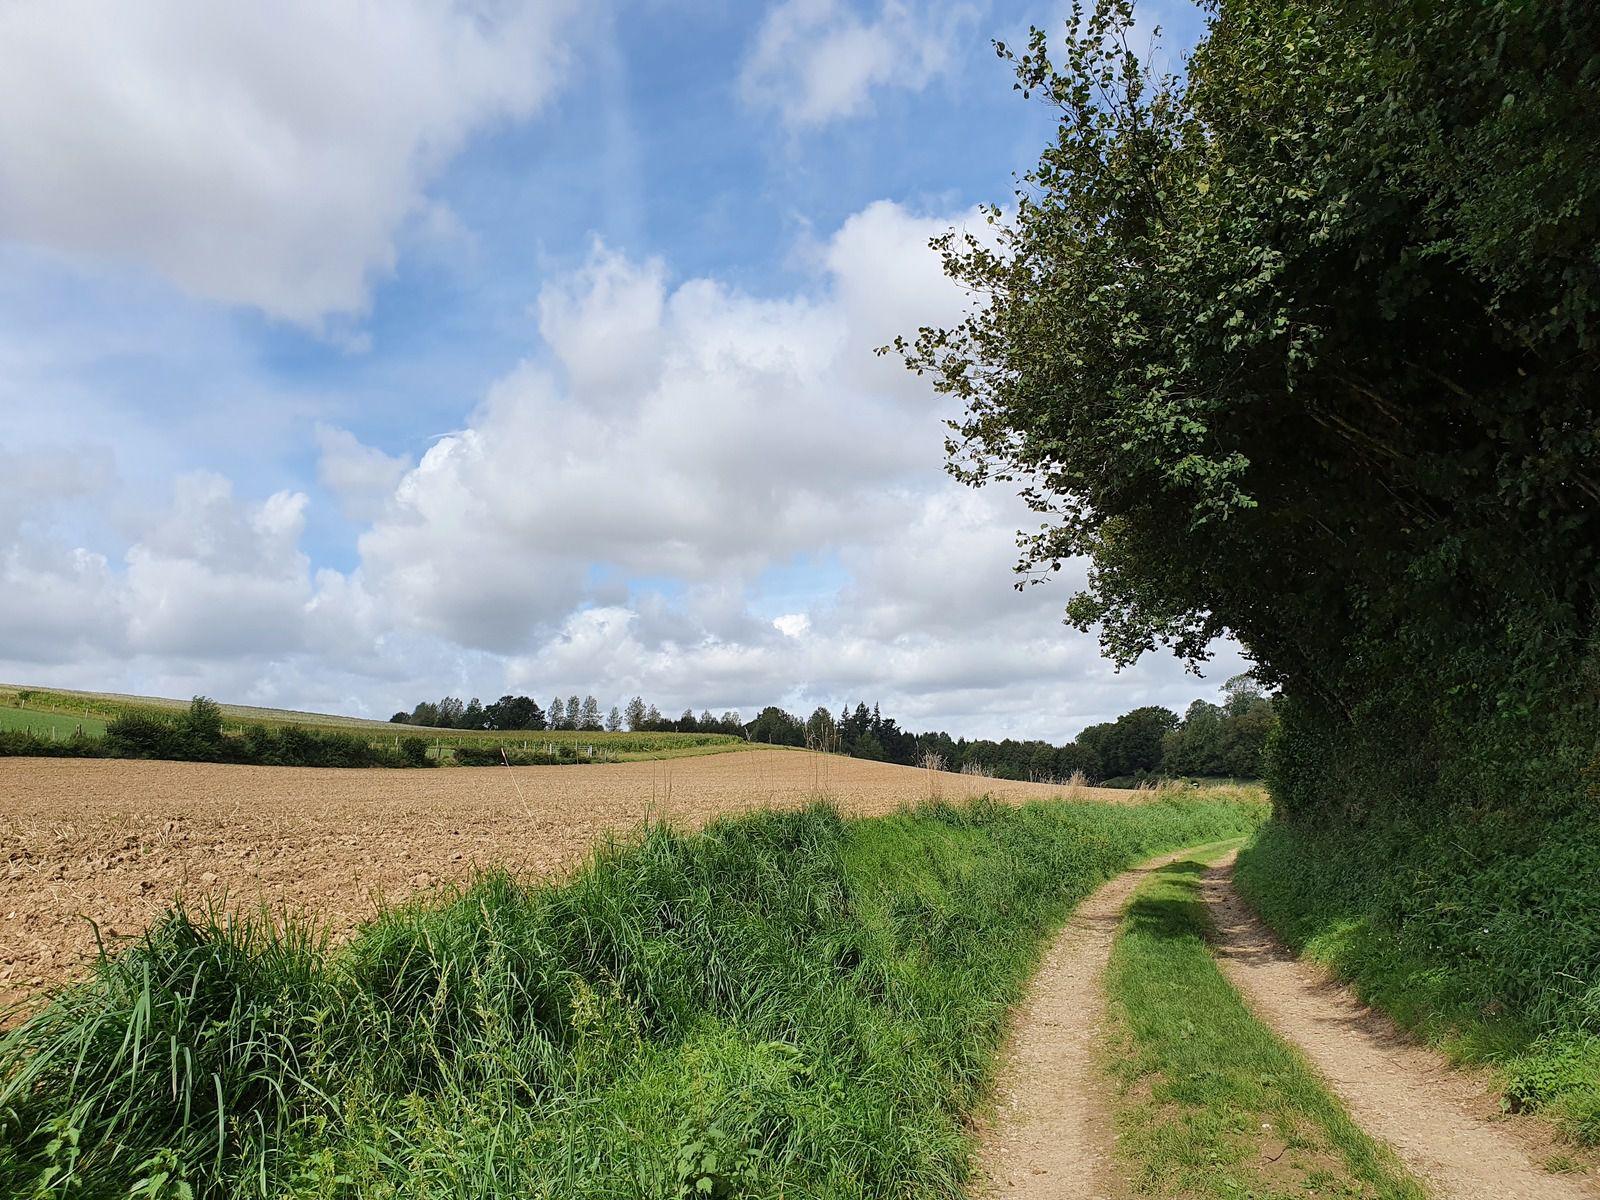 27 août 2020 - Azincourt et les vallons de Blangy-sur-Ternoise